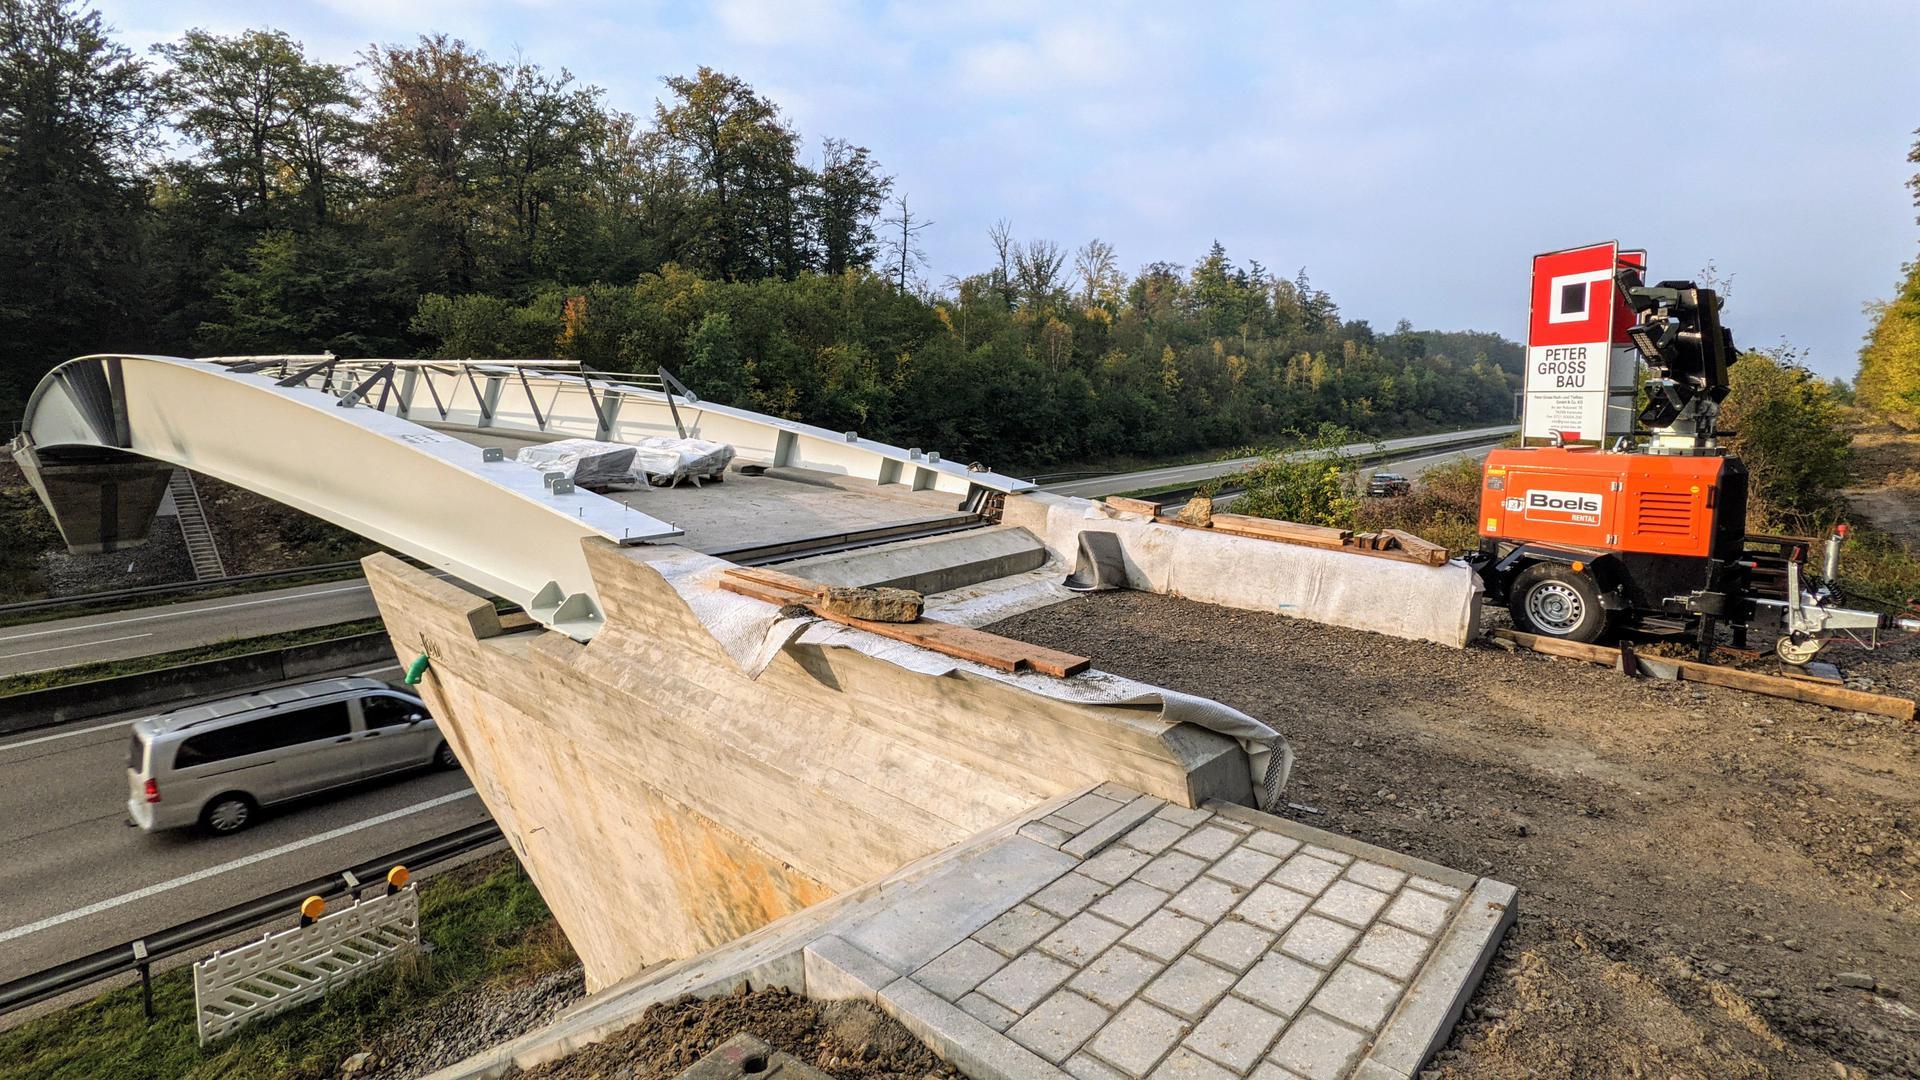 Die neue Geh- und Radwegbrücke über die A8 bei Pforzheim-West spannt sich im Rohbauzustand über die Atobahn und ist noch gesperrt.